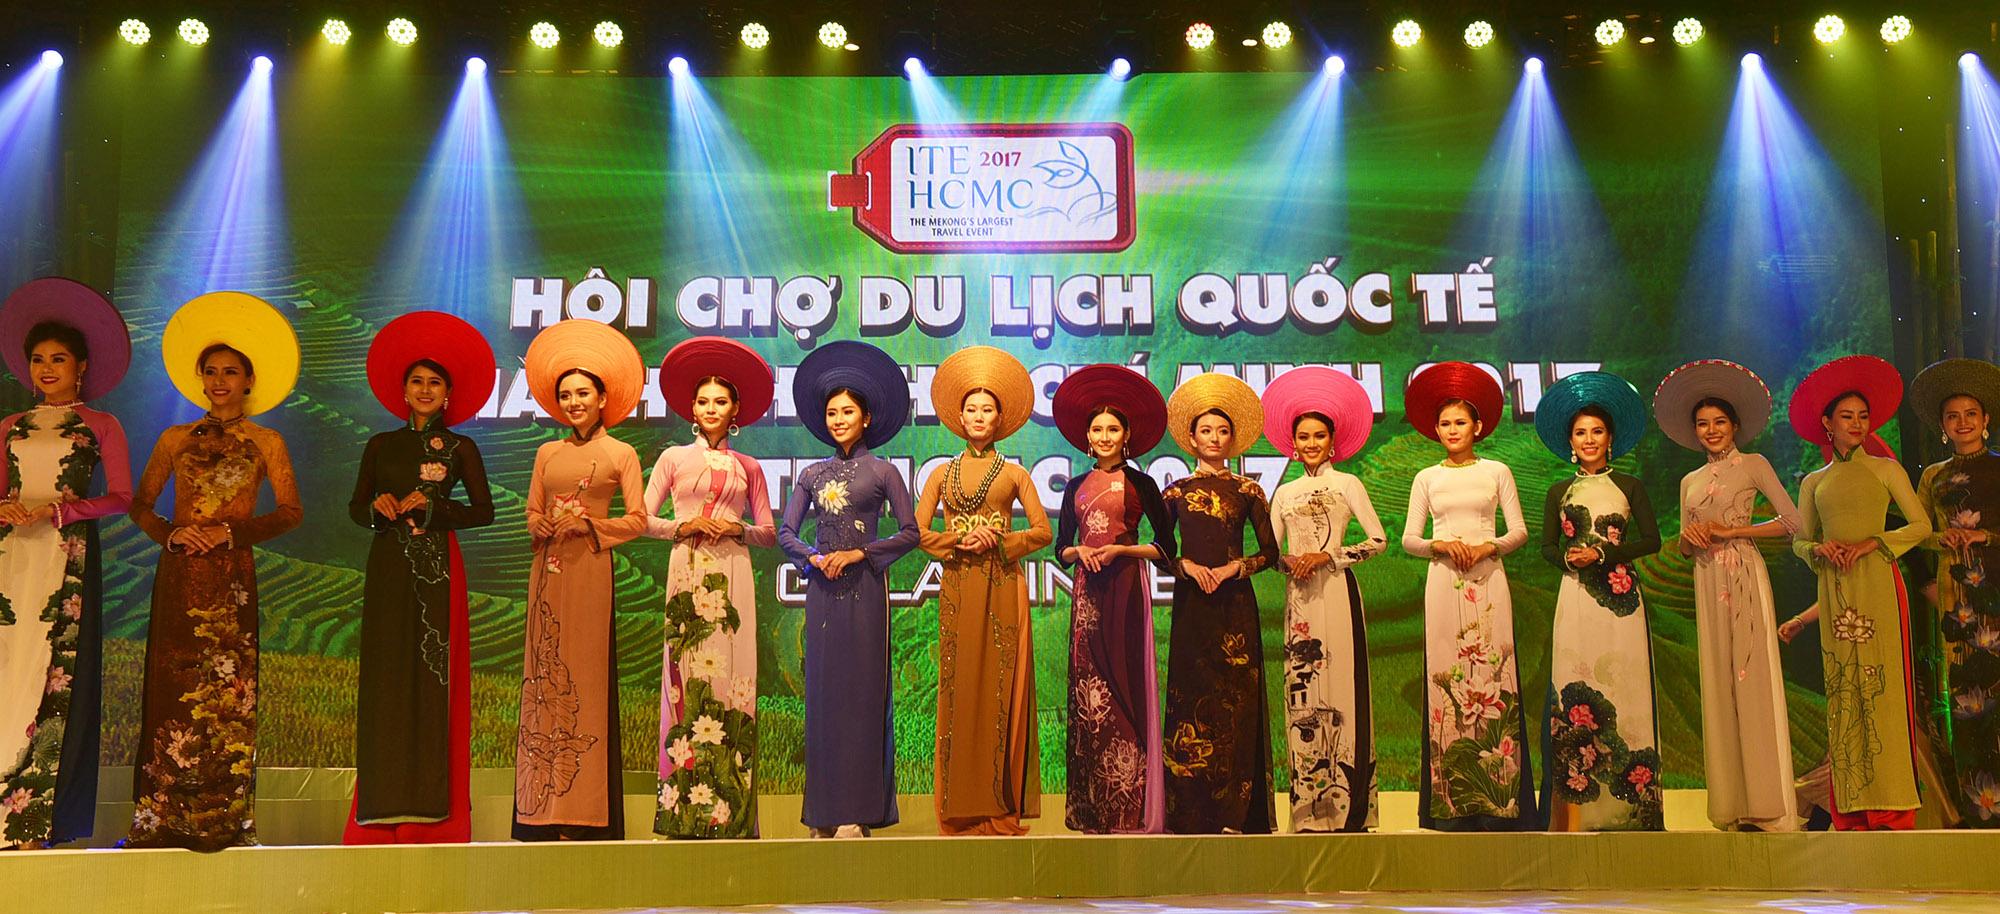 Hội chợ du lịch quốc tế TP.HCM tưng bừng từ 7 đến 9-9 - Ảnh 3.